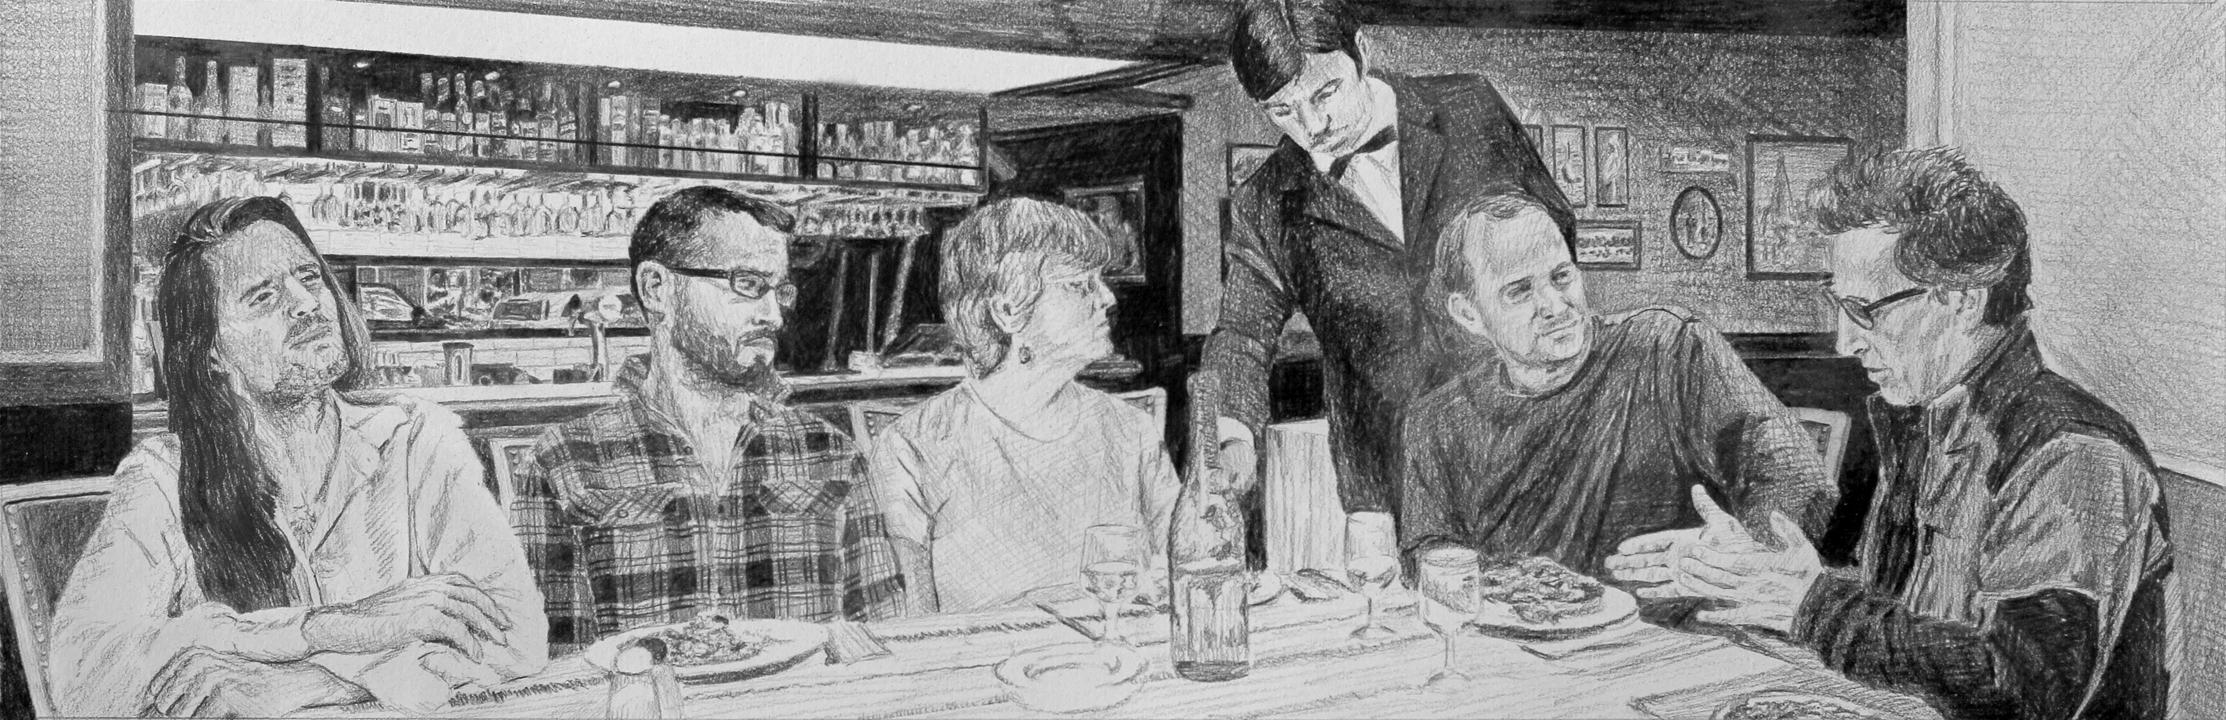 Art Discussion  Ep 4 Scene 2 Graphite on paper